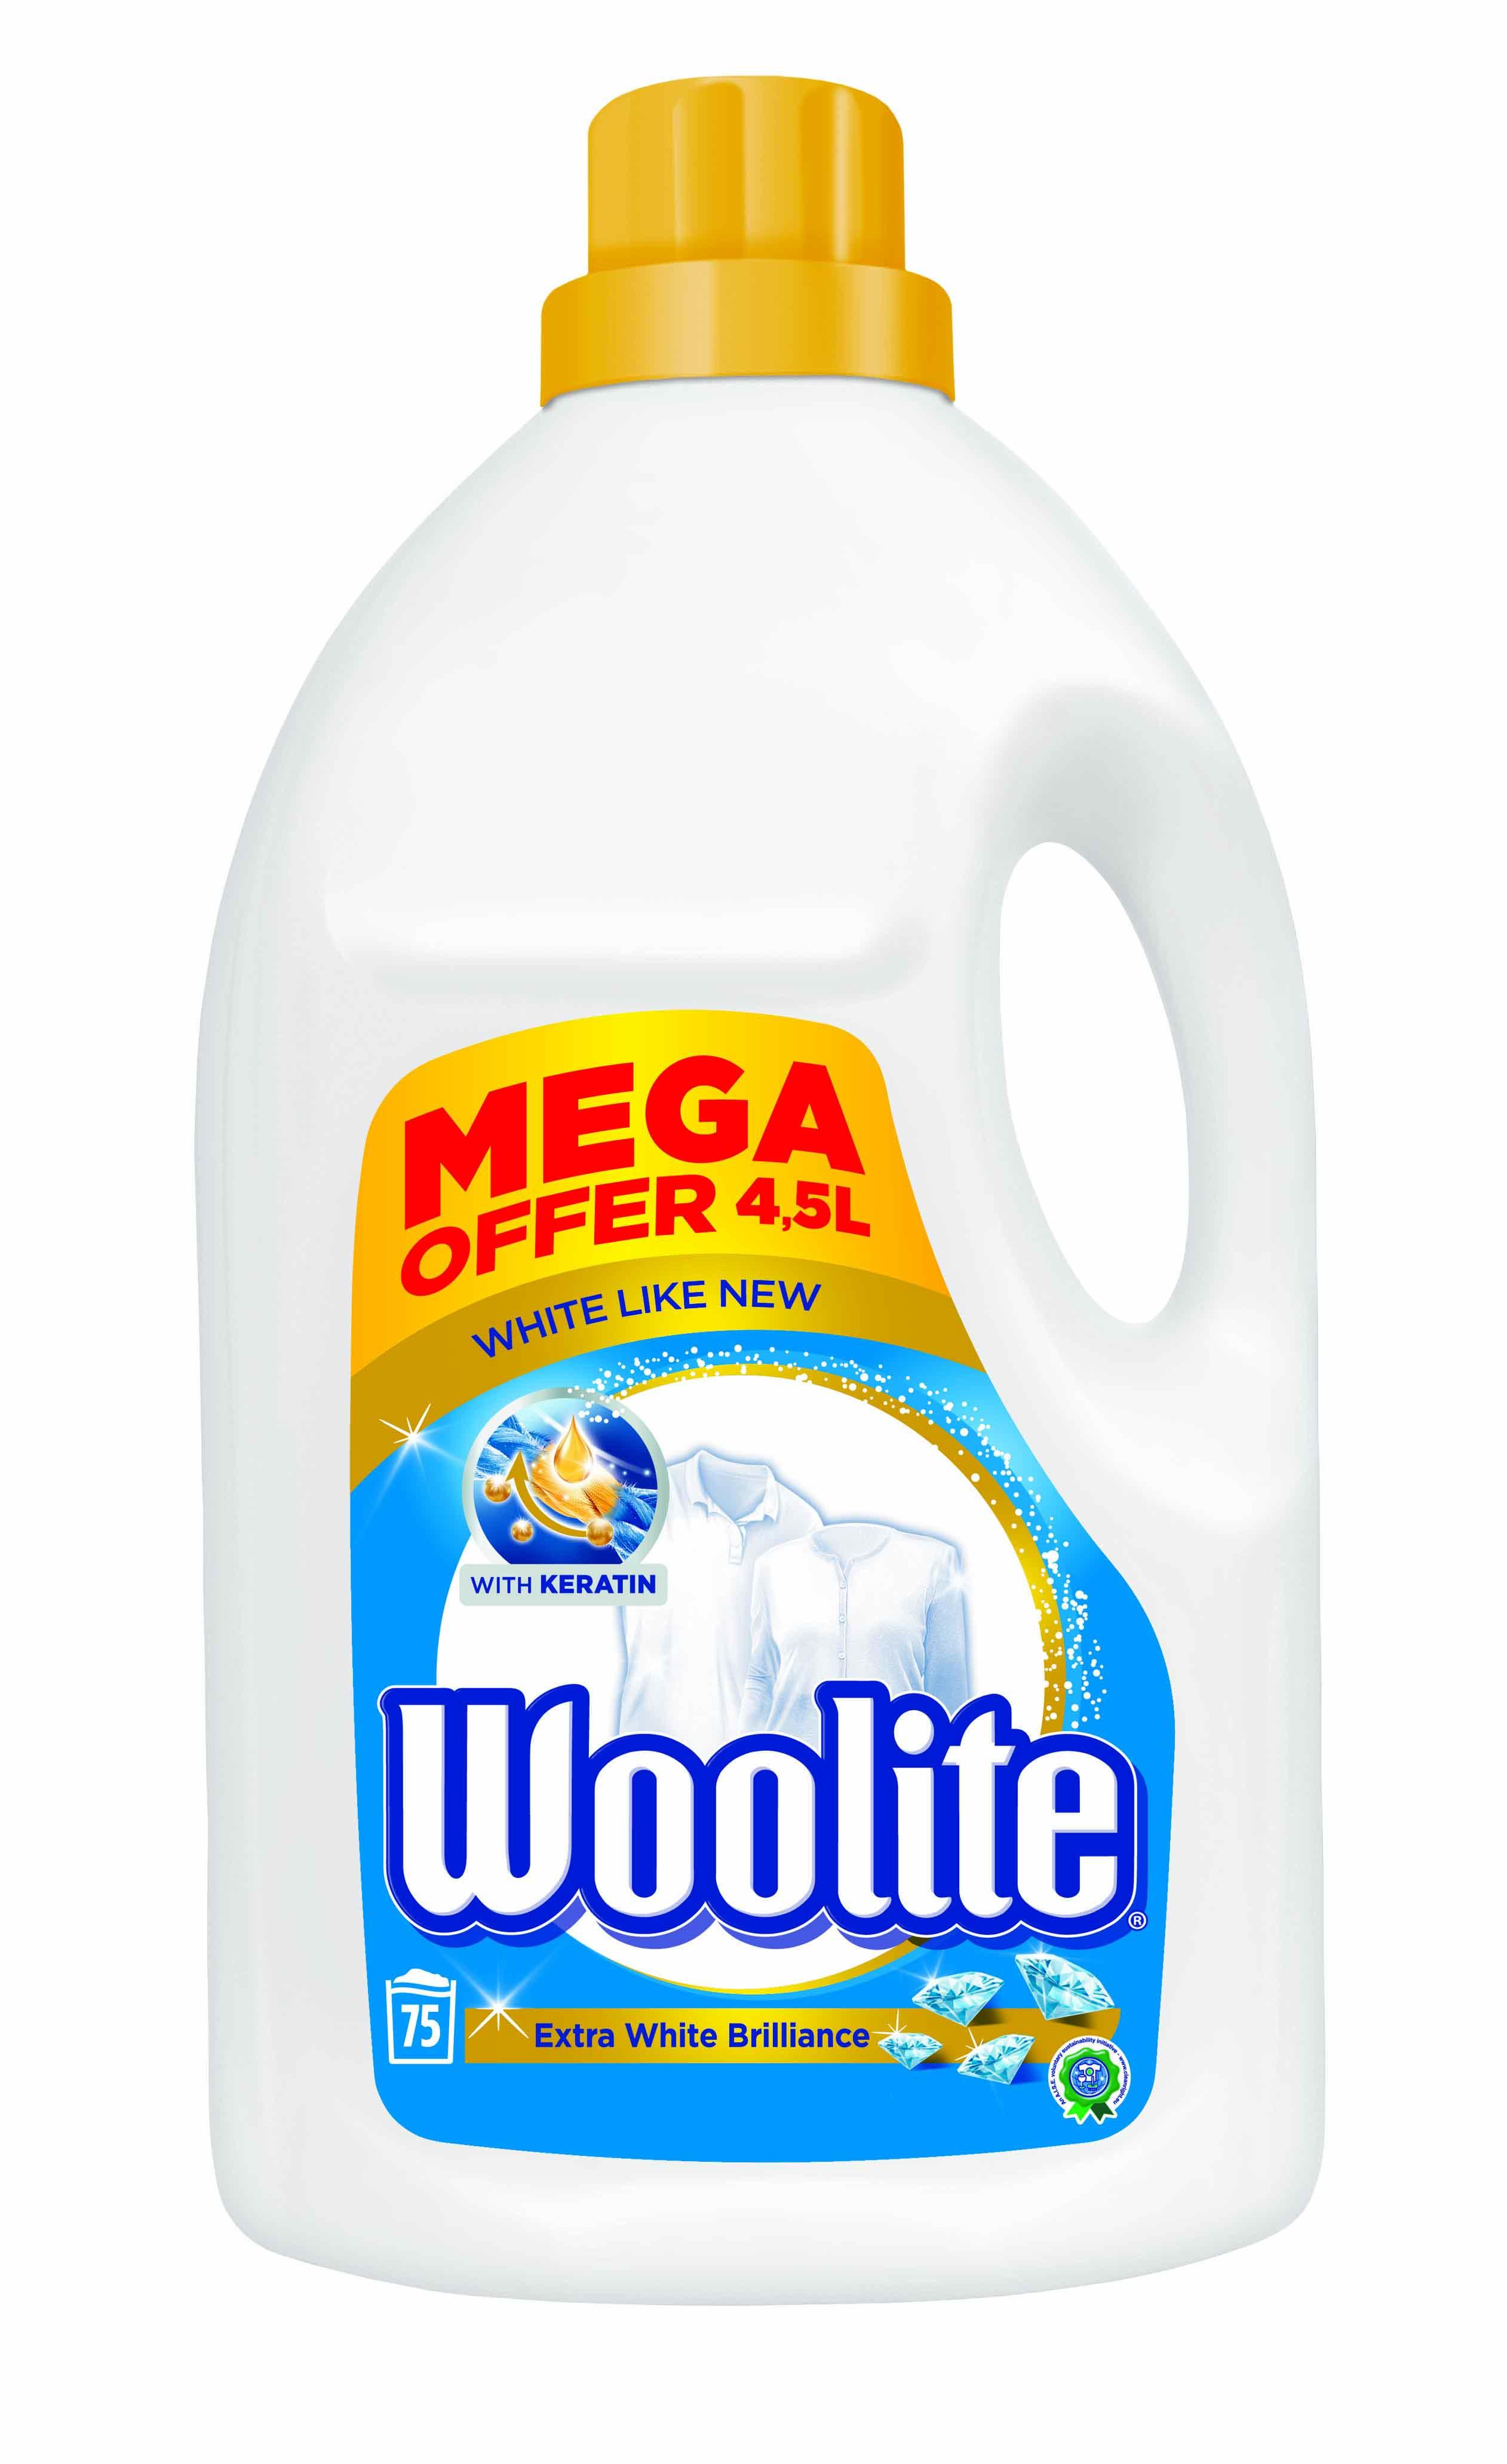 Fotografie Woolite Extra White Brilliance s keratinem tekutý prací prostředek na bílé prádlo, 75 praní 4,5 l